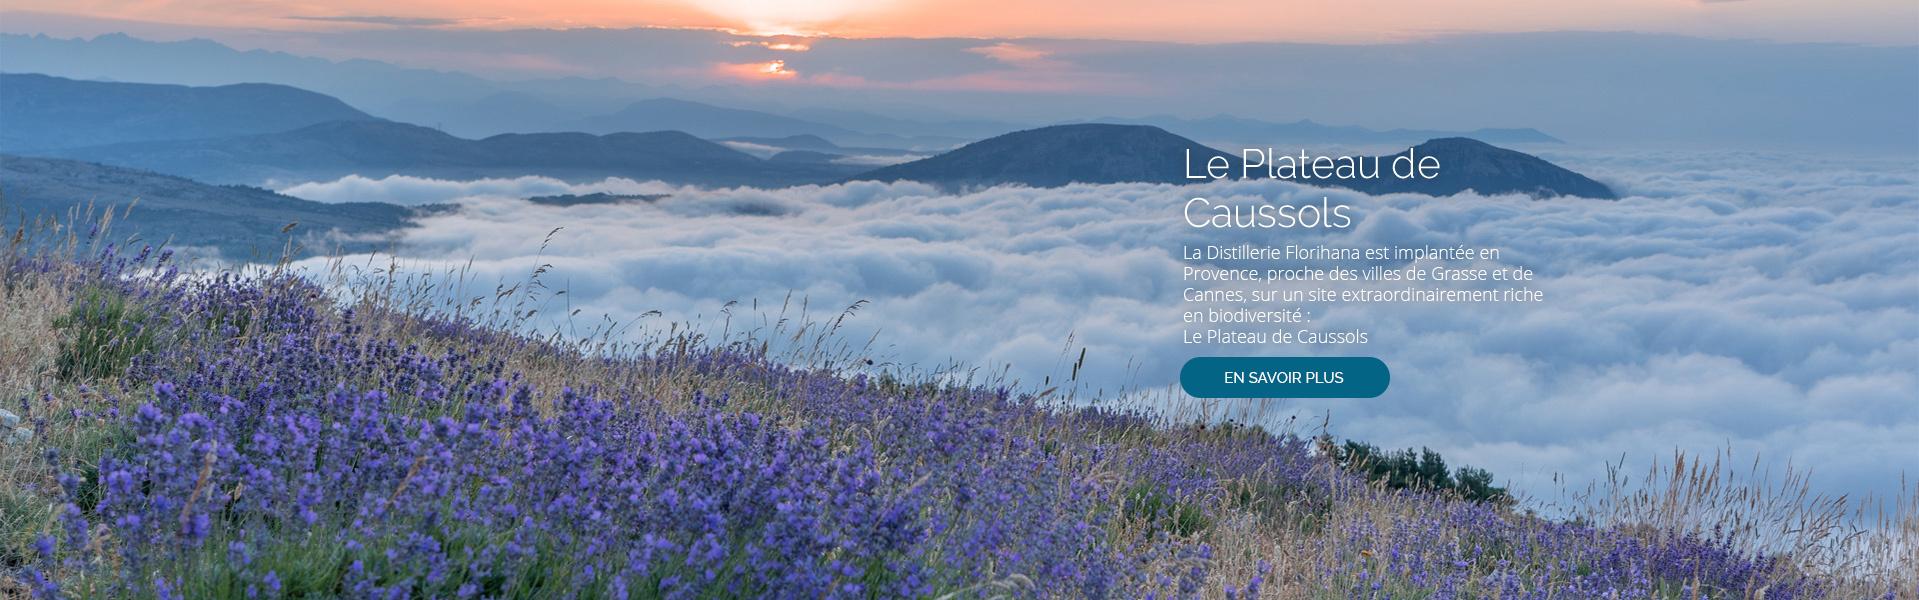 La Distillerie Florihana est implantée en Provence, proche des villes de Grasse et de Cannes, sur un site extraordinairement riche en biodiversité : Le Plateau de Caussols.